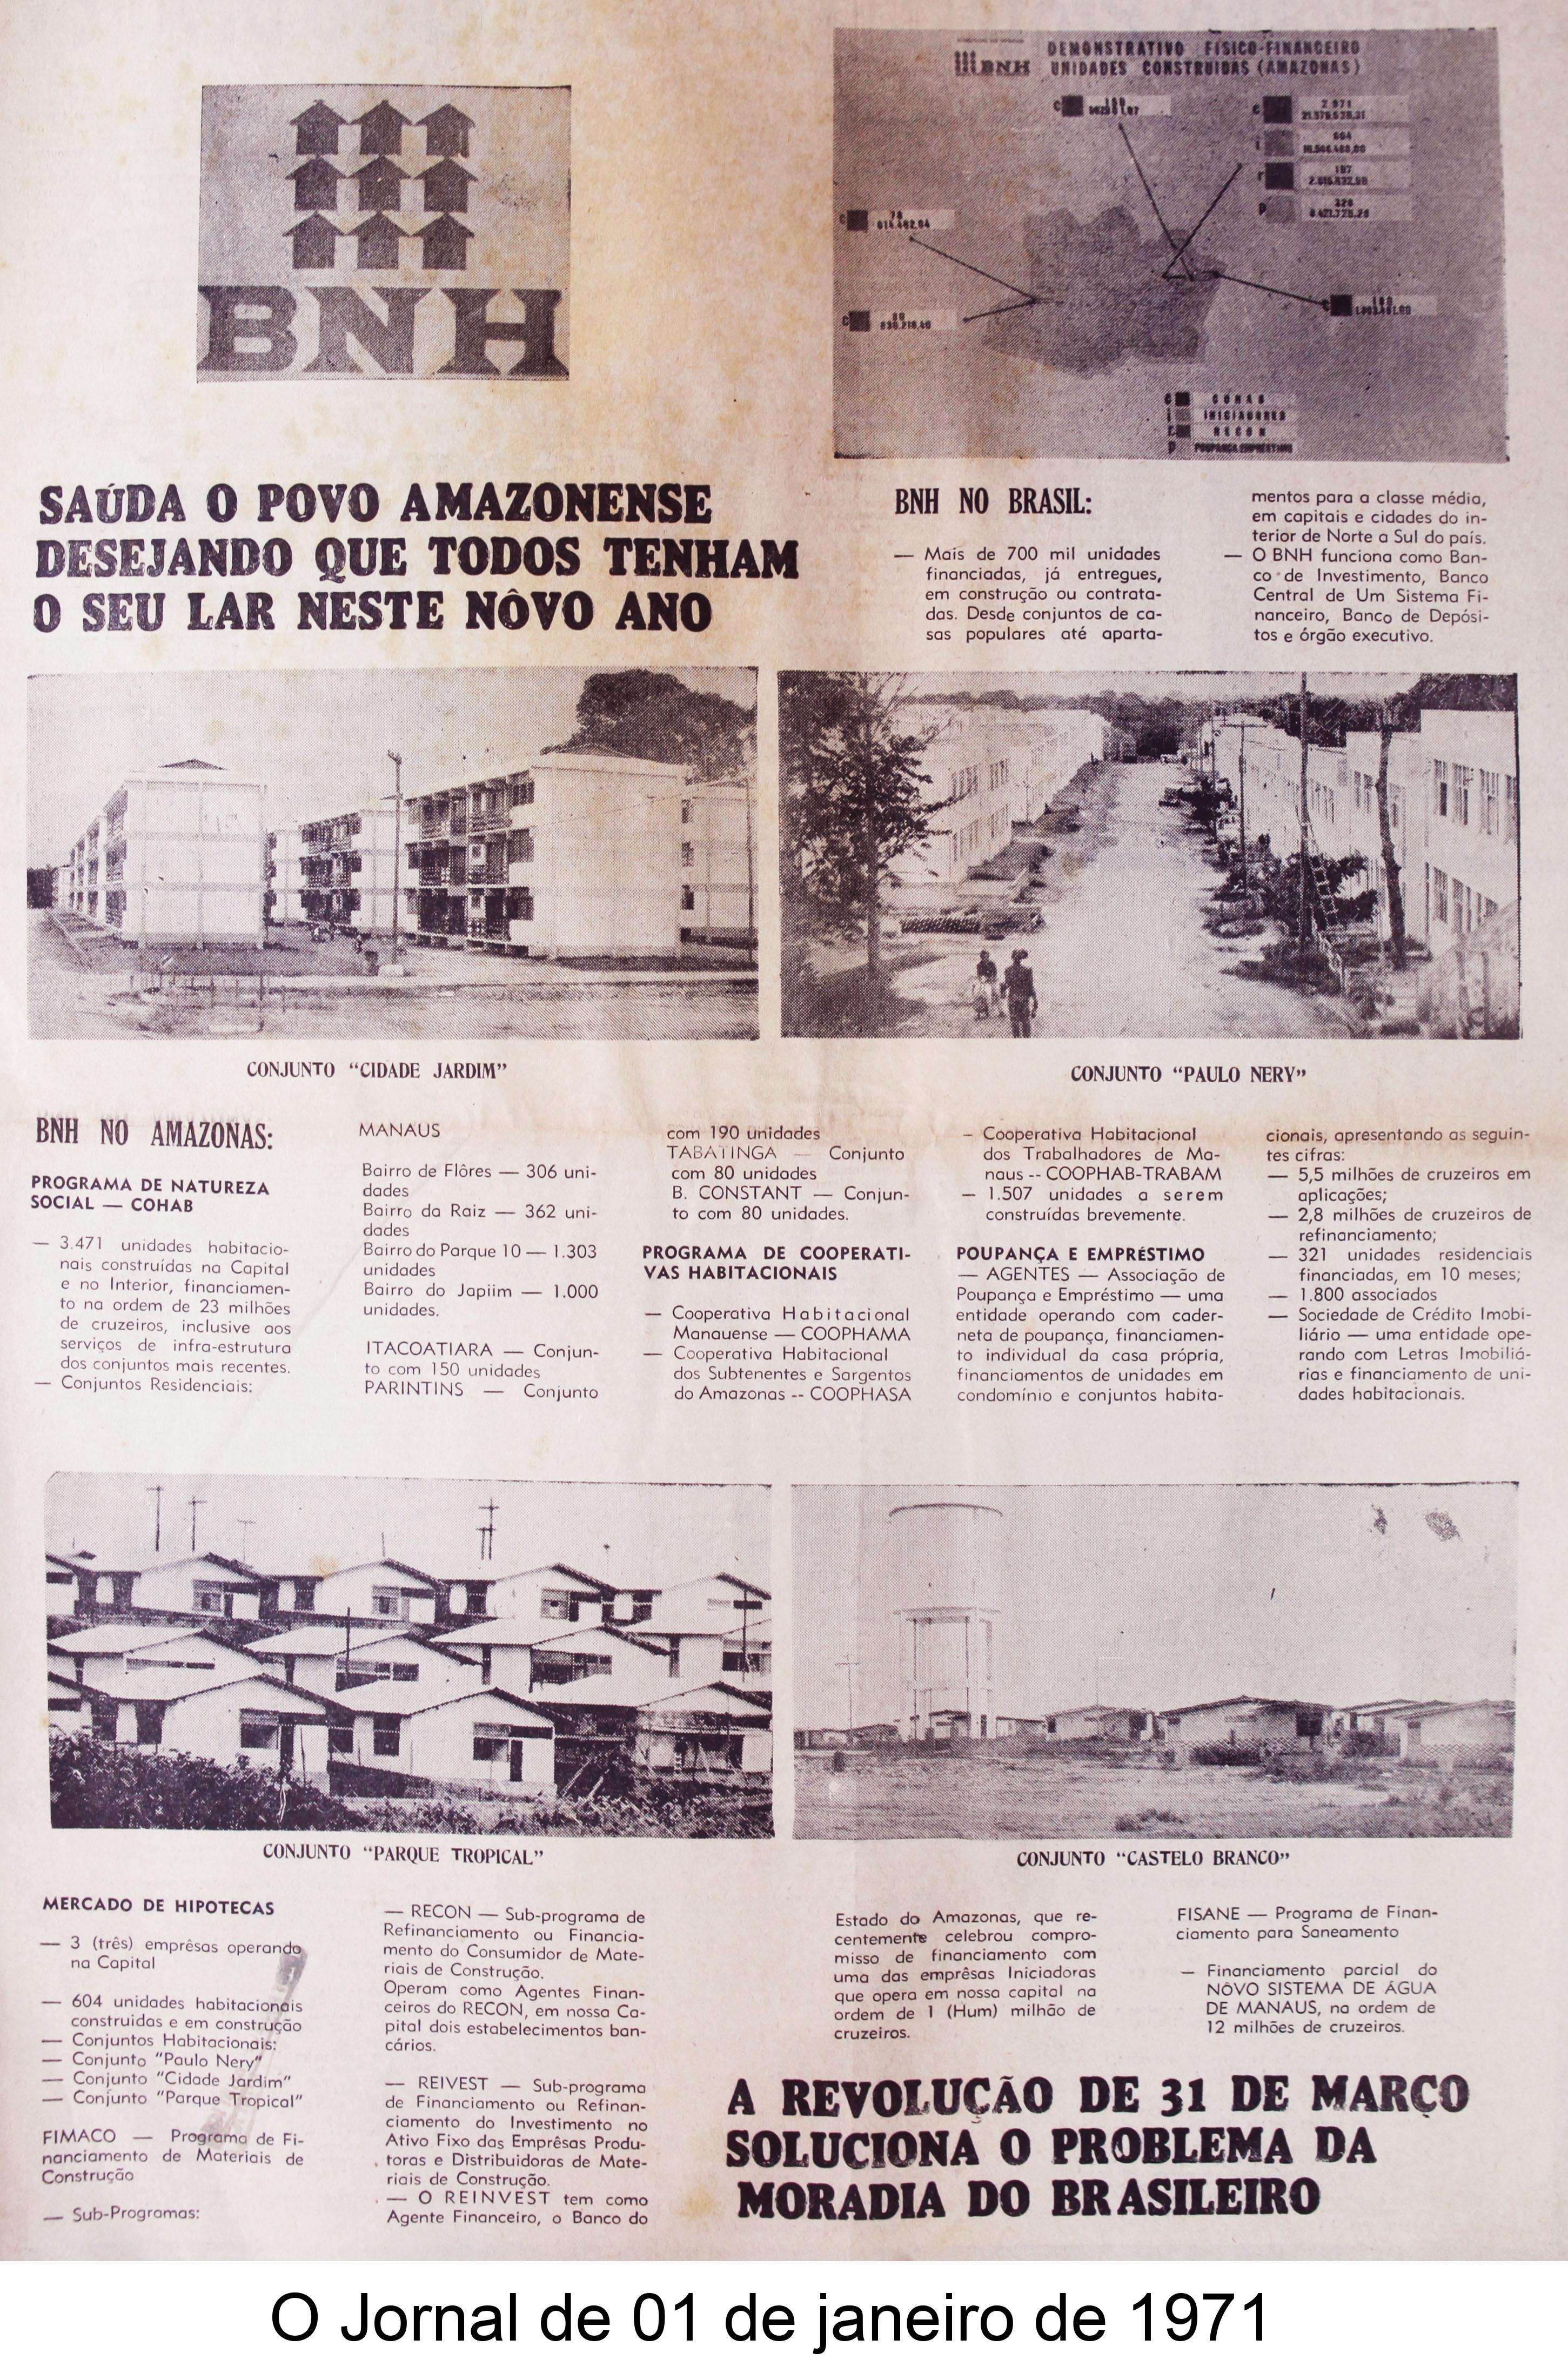 O Jornal de 01 de janeiro de 1971